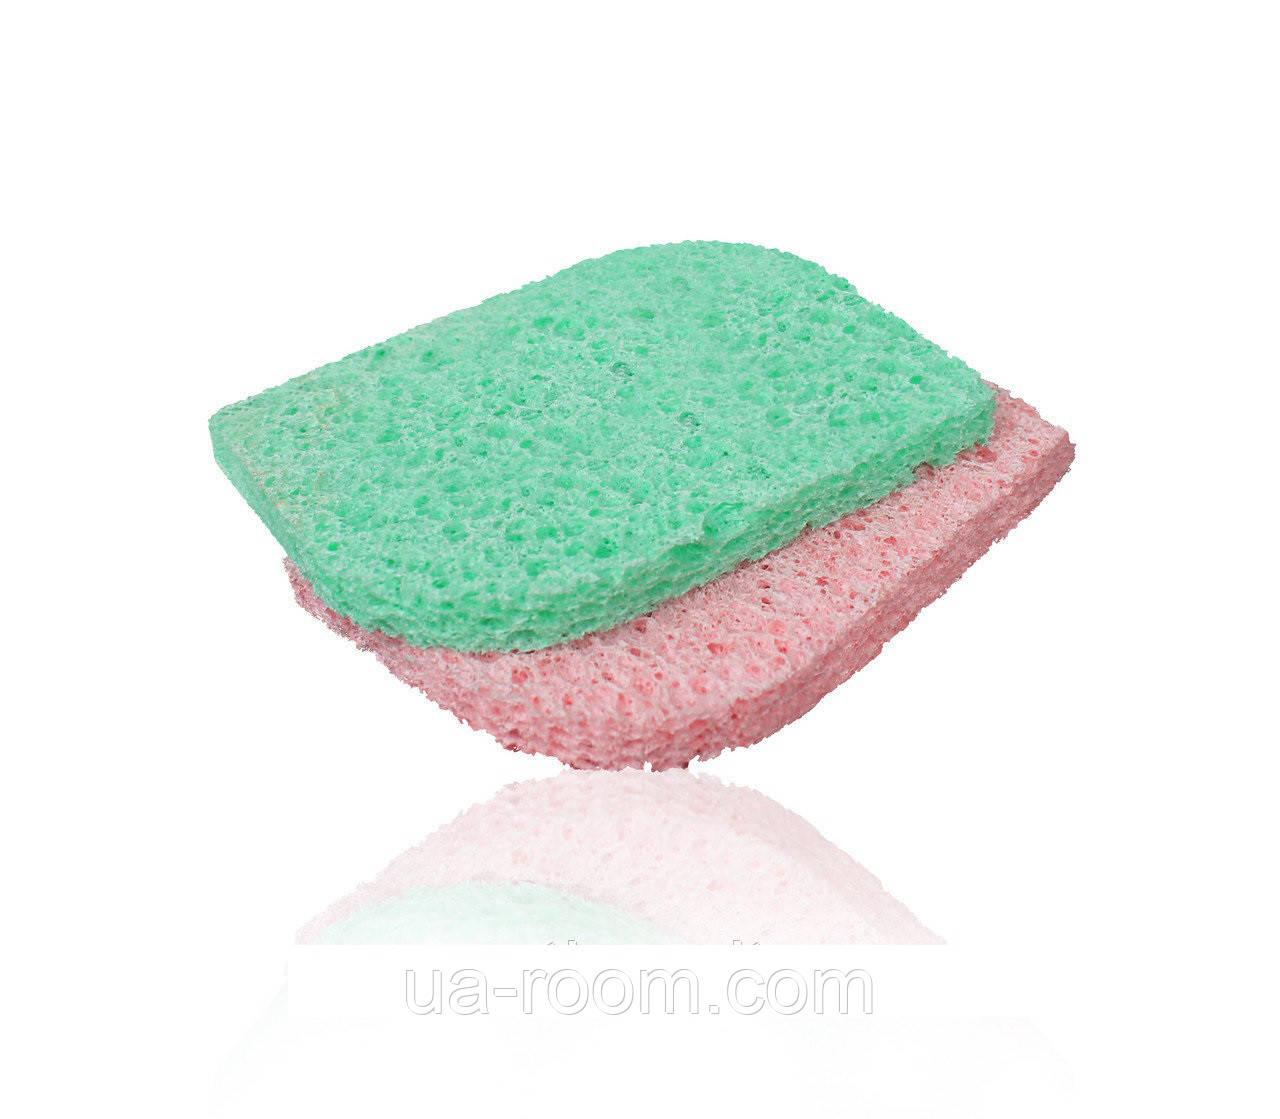 Спонж-губка для очищения кожи Lily (н-р 2 шт) LC-008